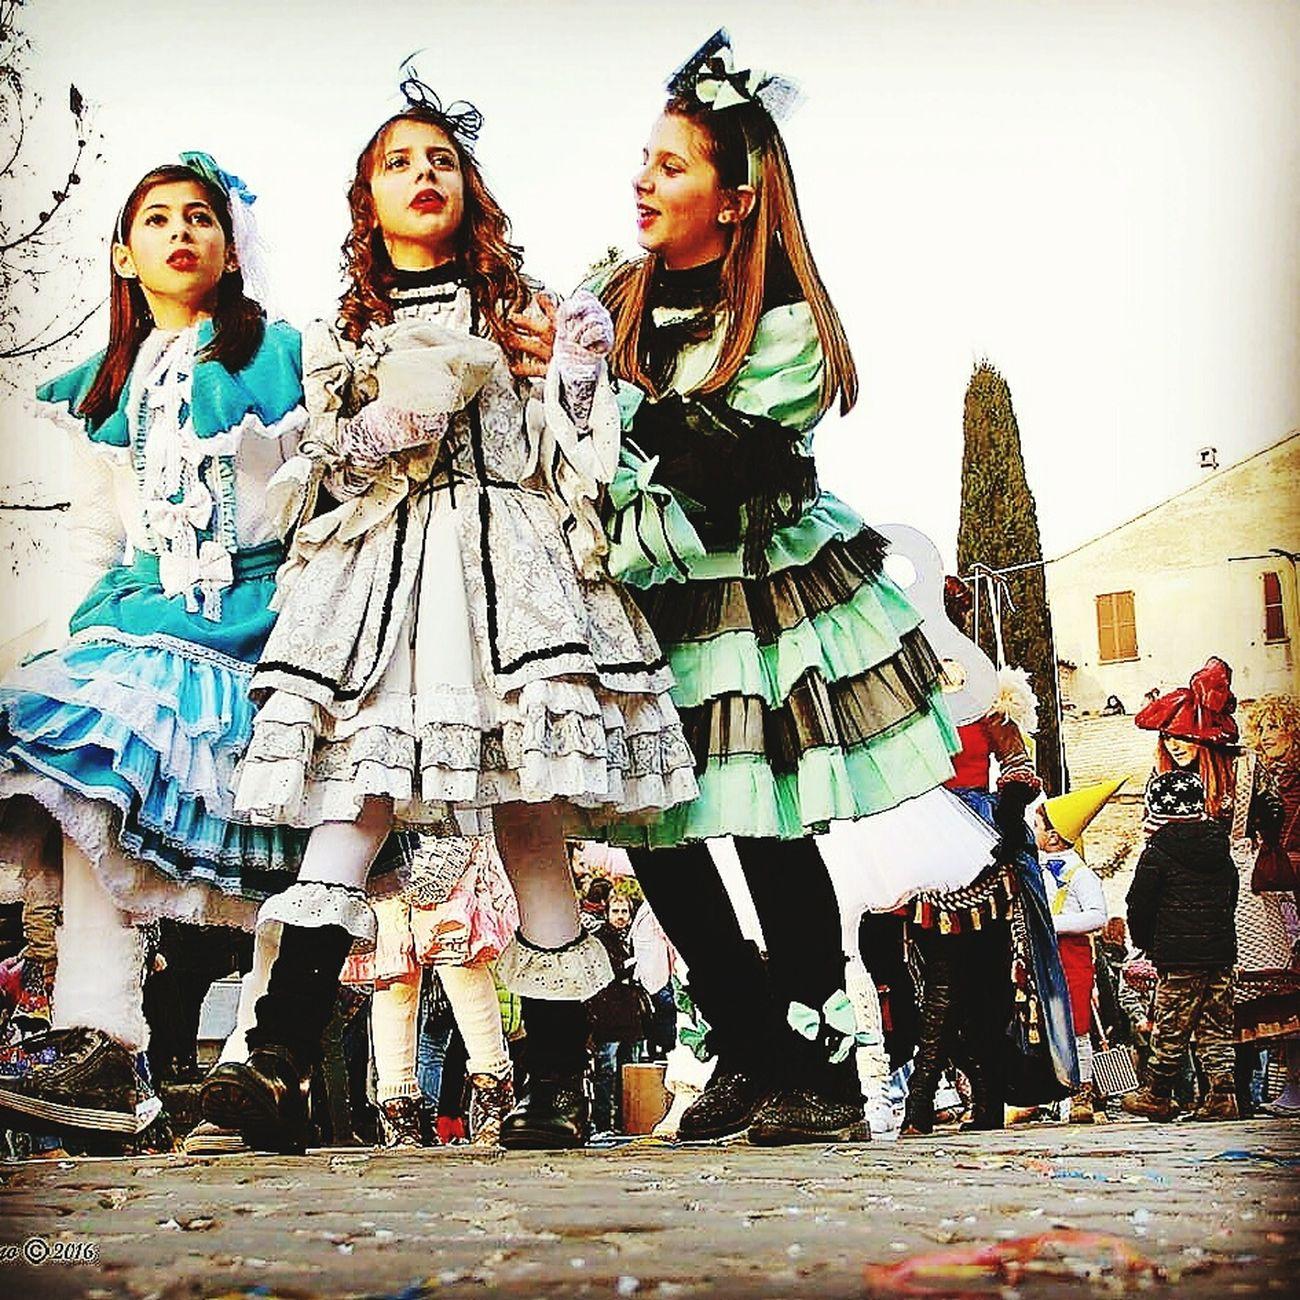 Fano Fanumfortunae Destinazionefano Carnevale Carnevaledifano Carnevale Di Fano Divertimento